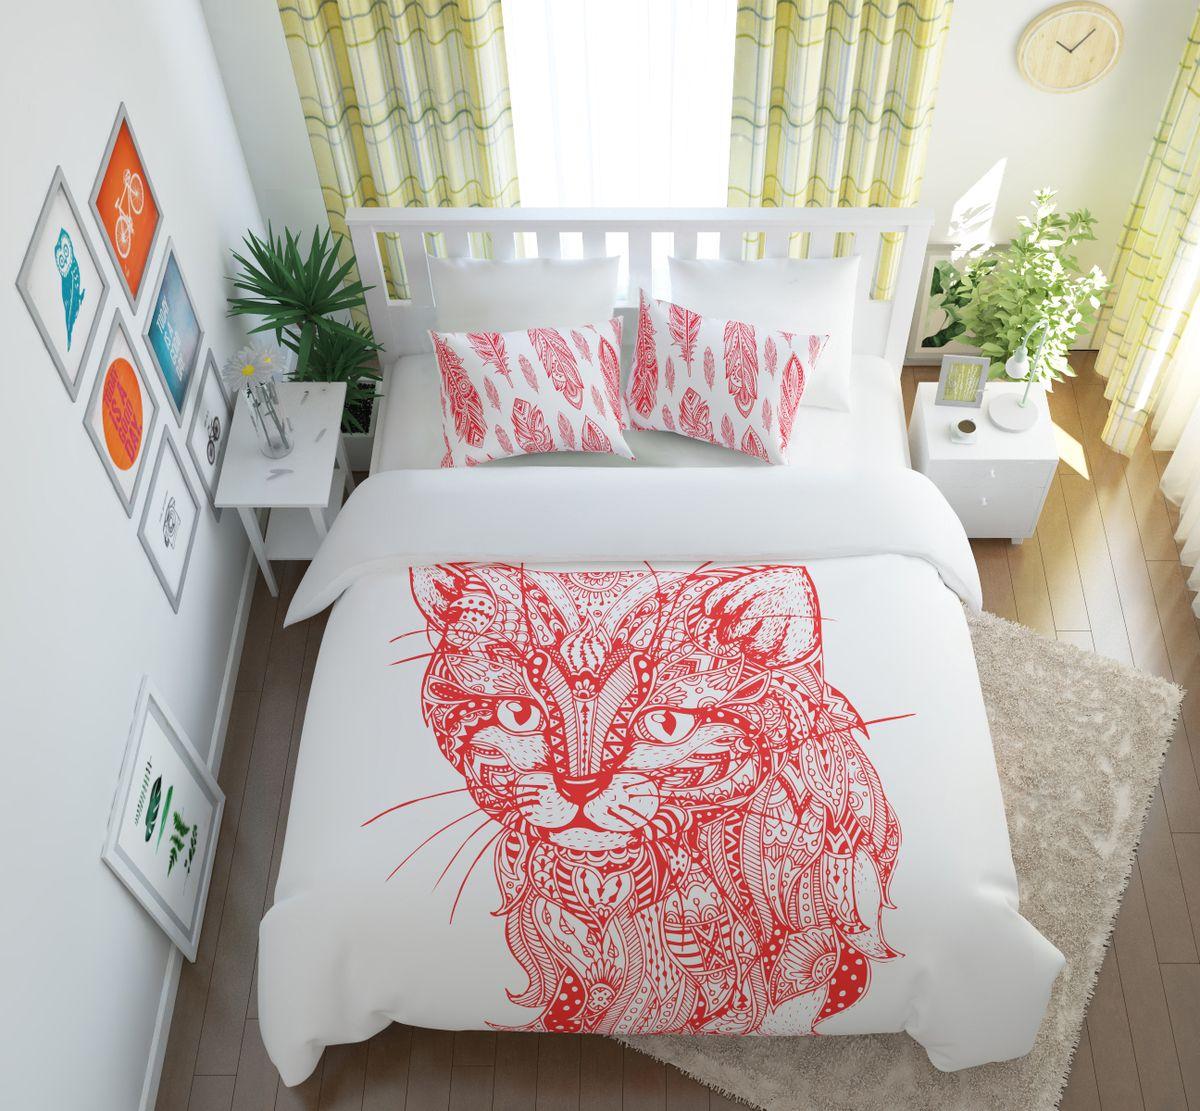 Комплект белья Сирень Волшебный кот, 1,5-спальный, наволочки 50x70 комплект белья сирень волшебный кот 1 5 спальный наволочки 50x70